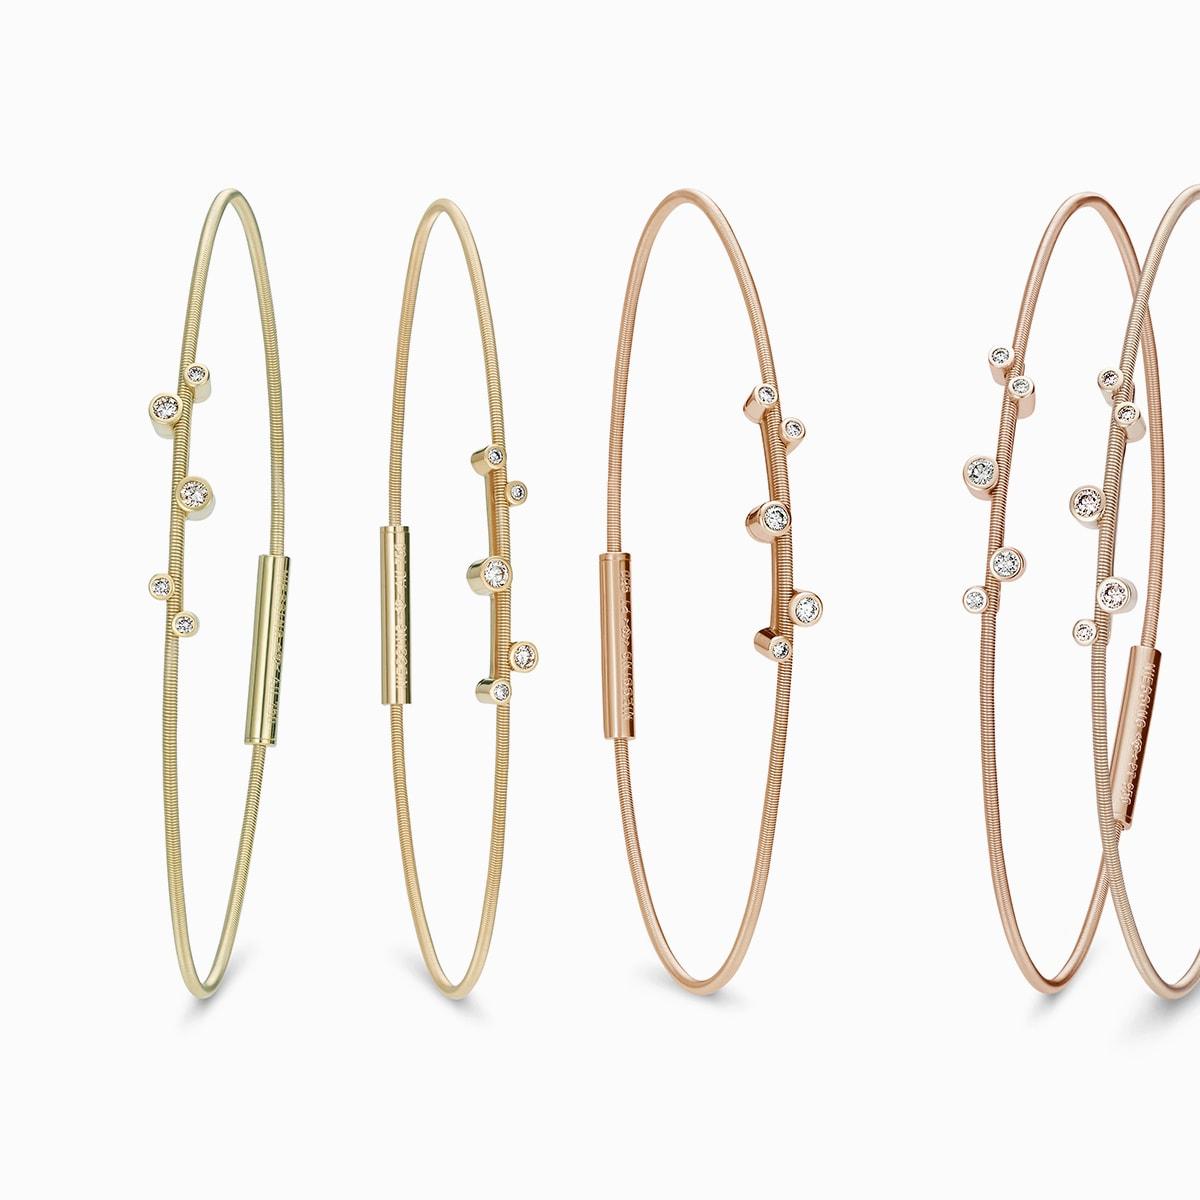 Niessing Artist arm jewelry